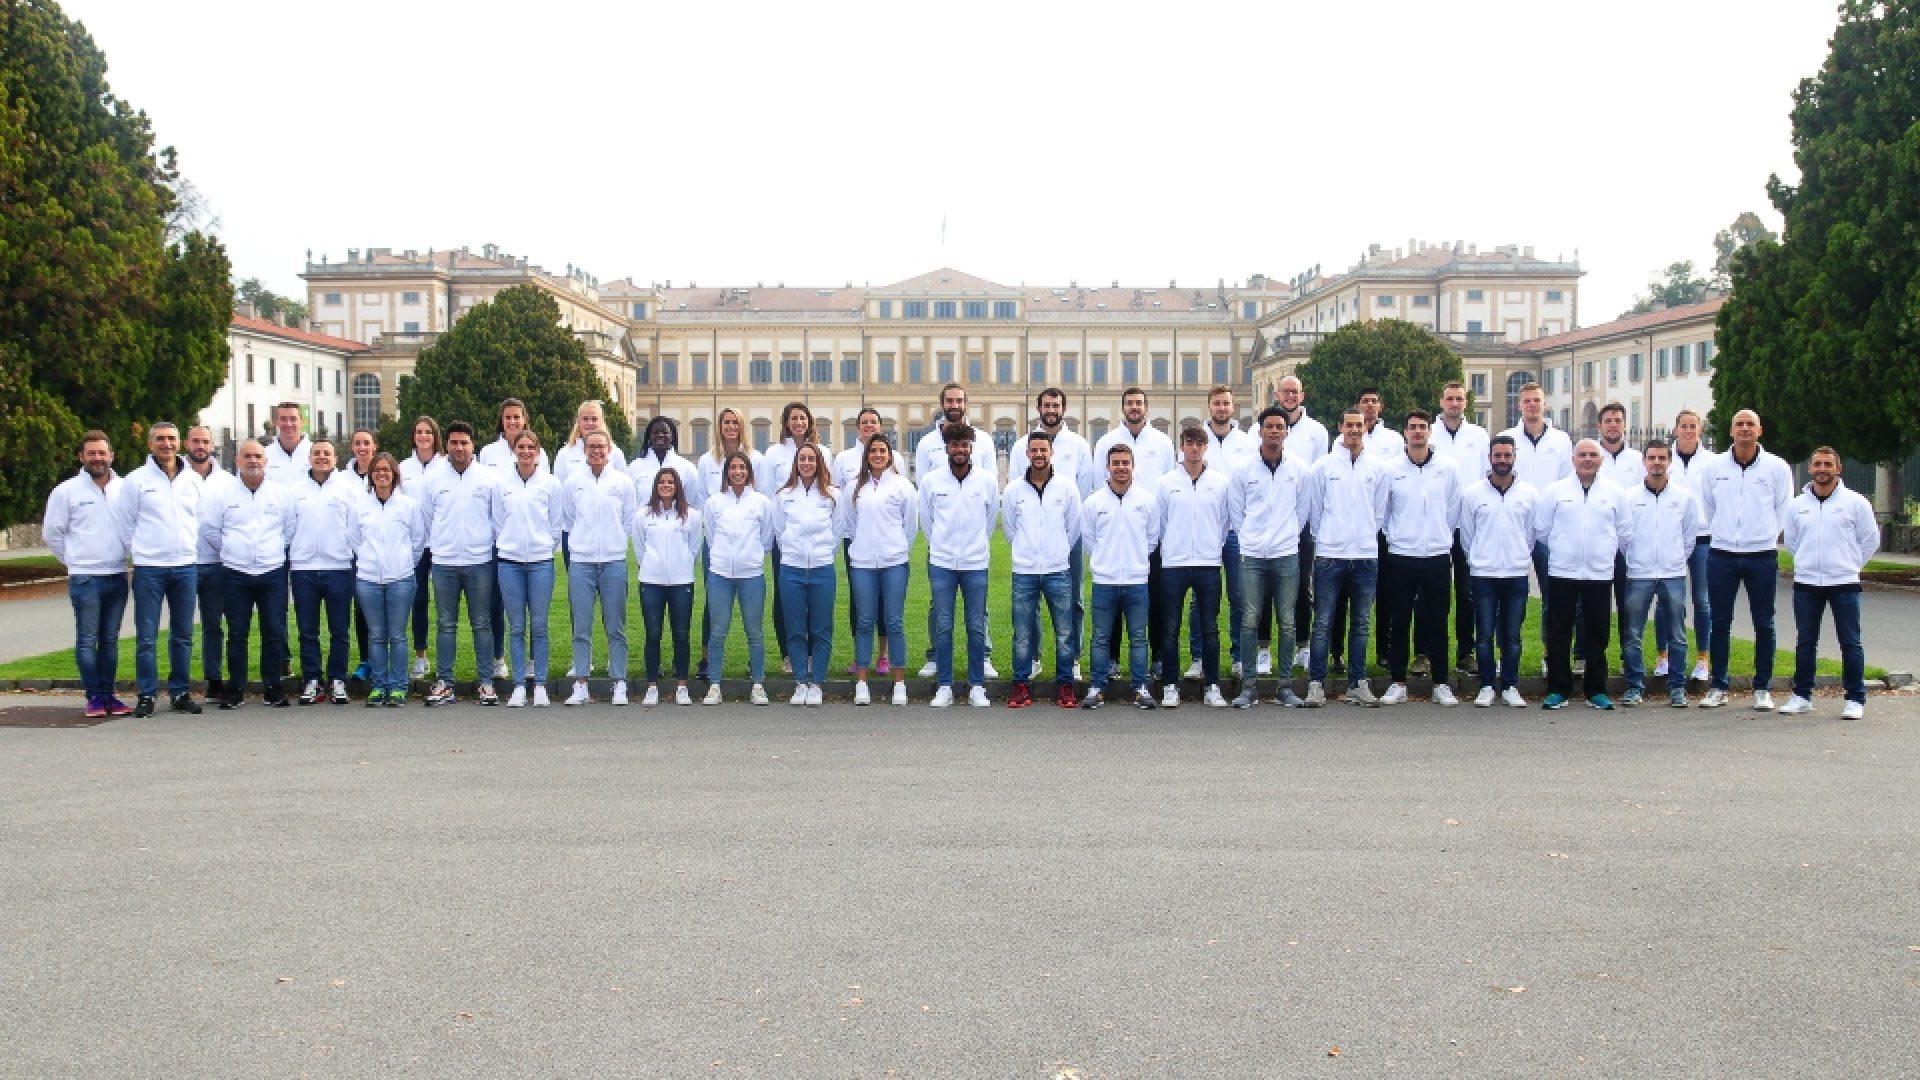 Squadre alla Villa Reale